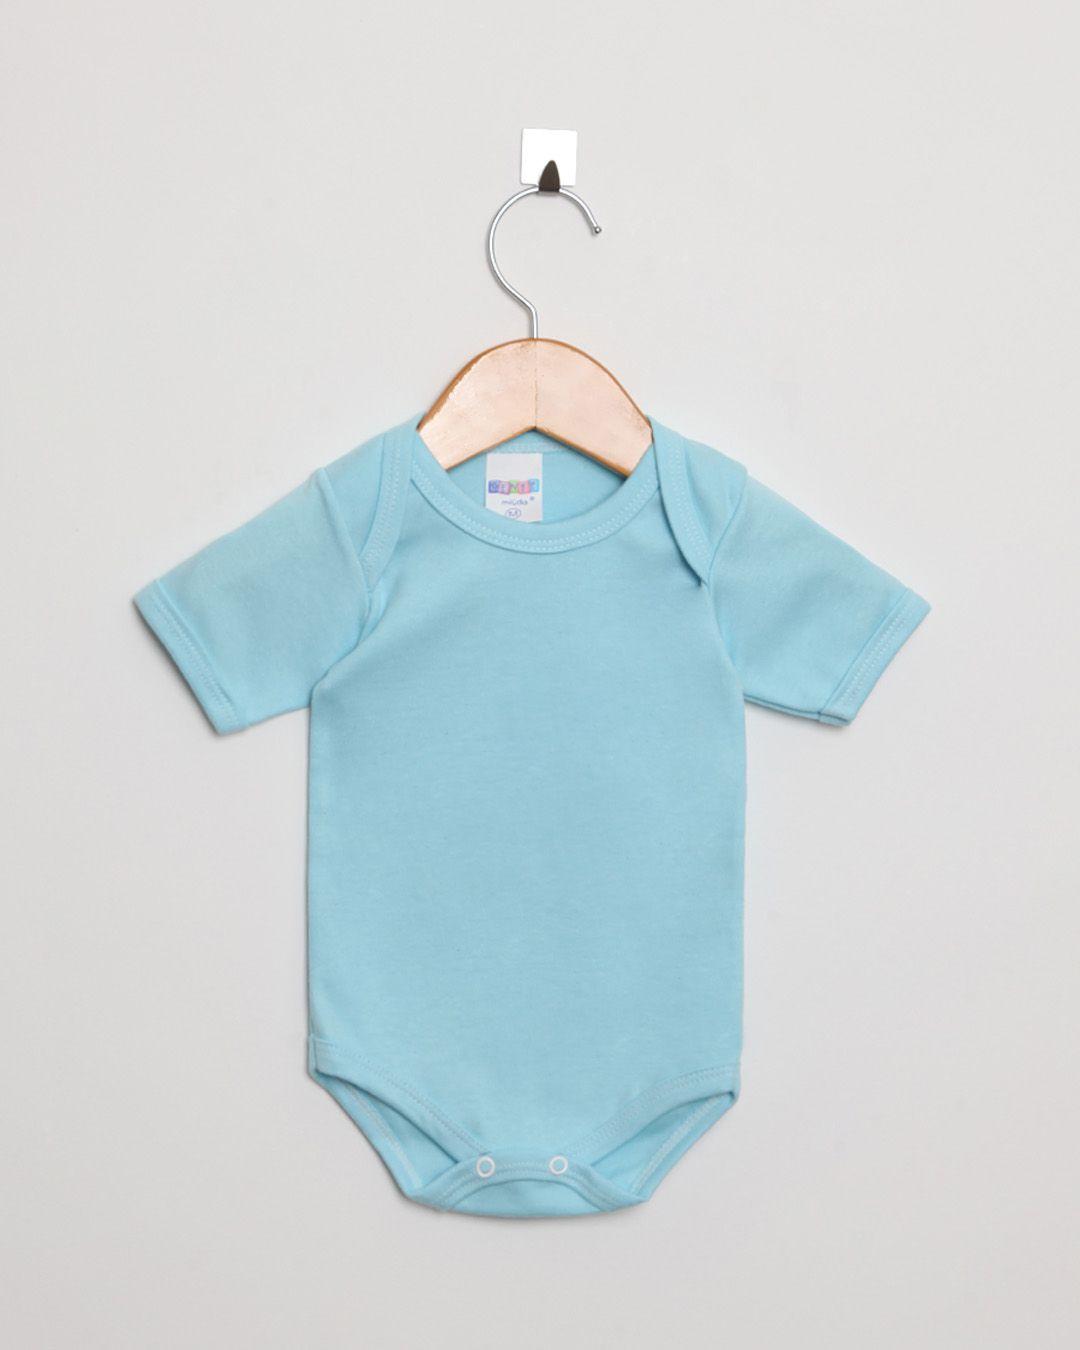 Kit Body Bebê com 3 peças menino Azul Claro Raposa sortidas